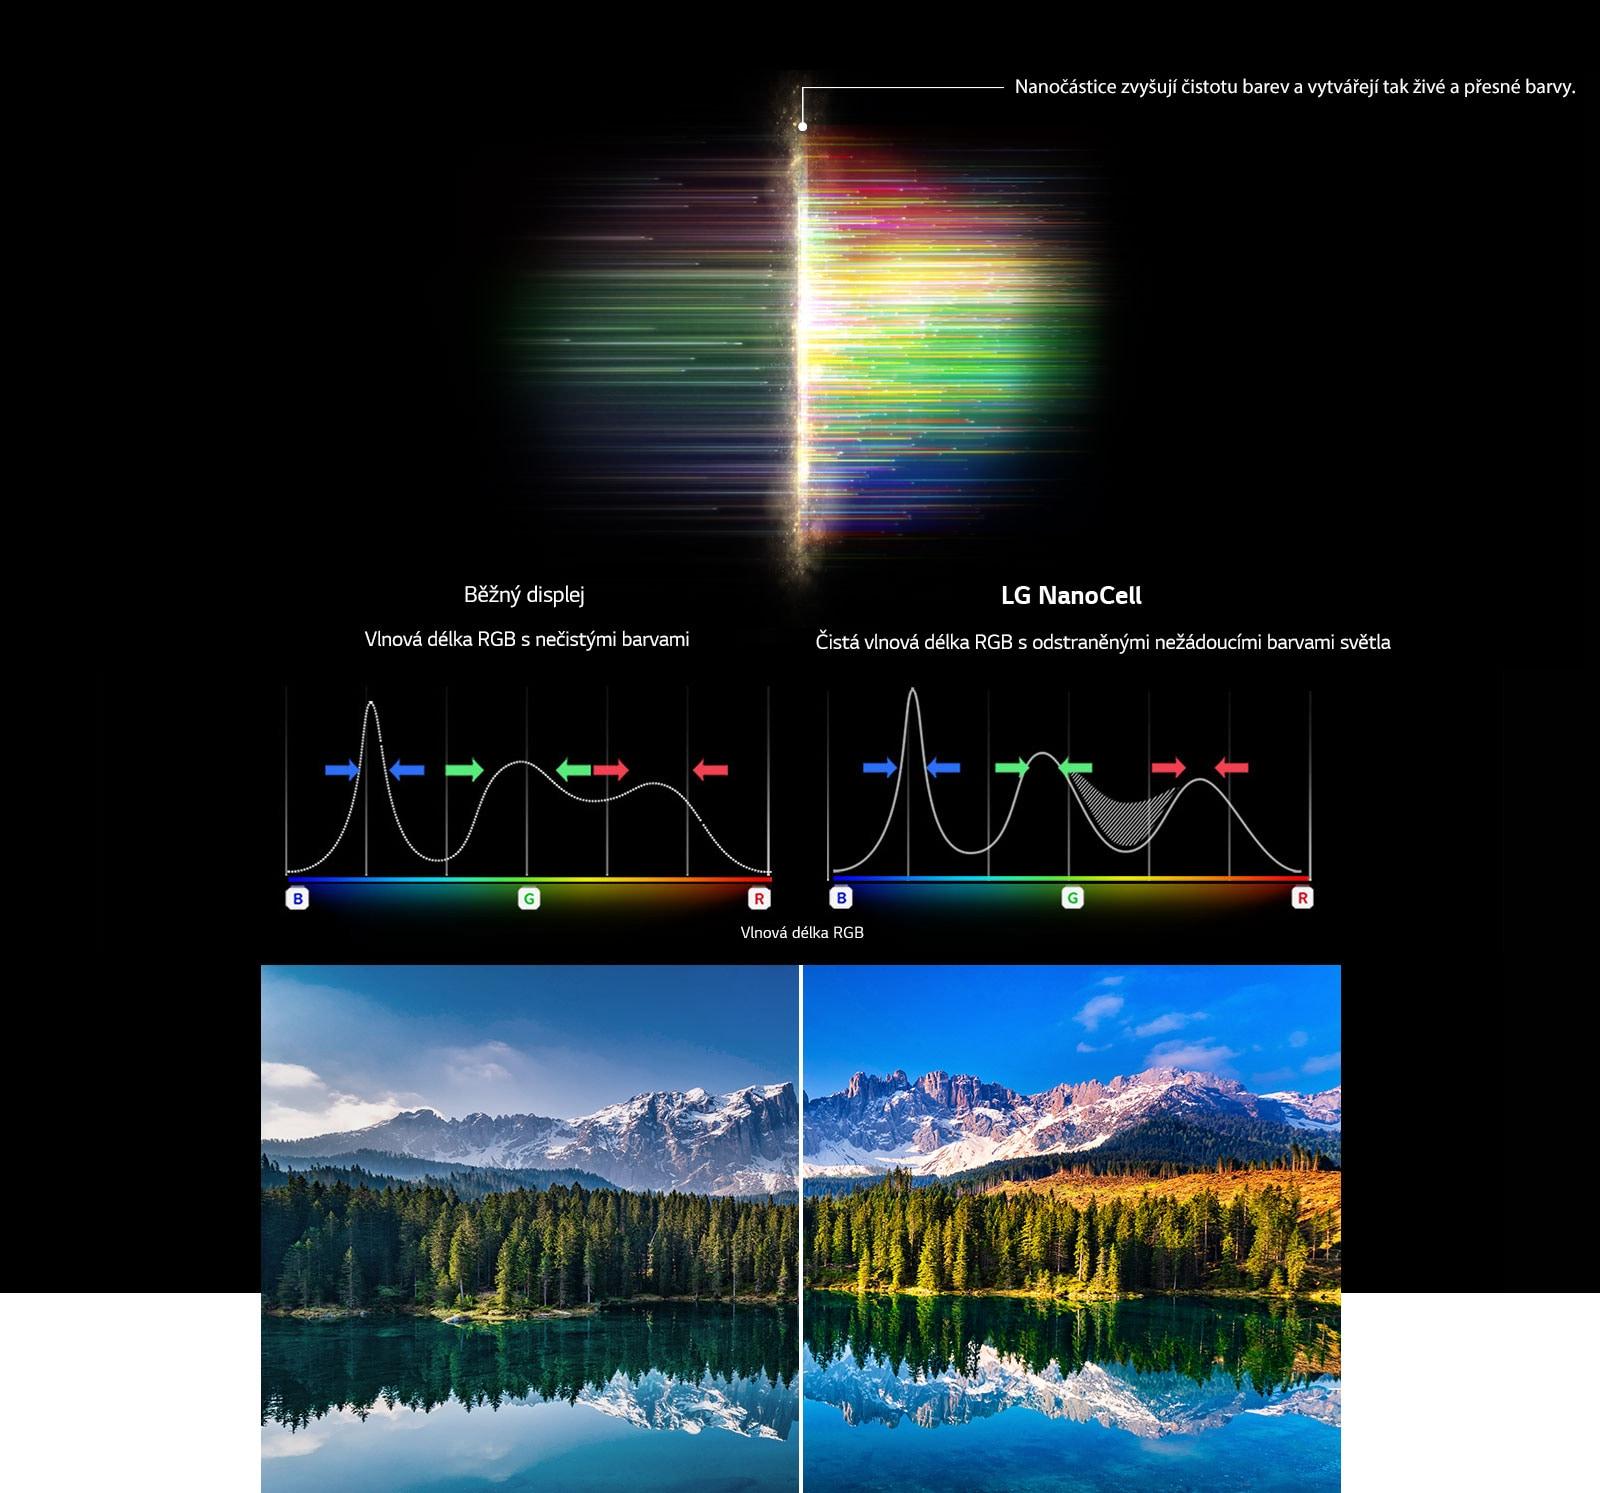 Graf spektra RGB, který znázorňuje filtrování monotónních barev aobrázků Porovnání čistoty barev mezi běžným displejem atechnologií NanoCell